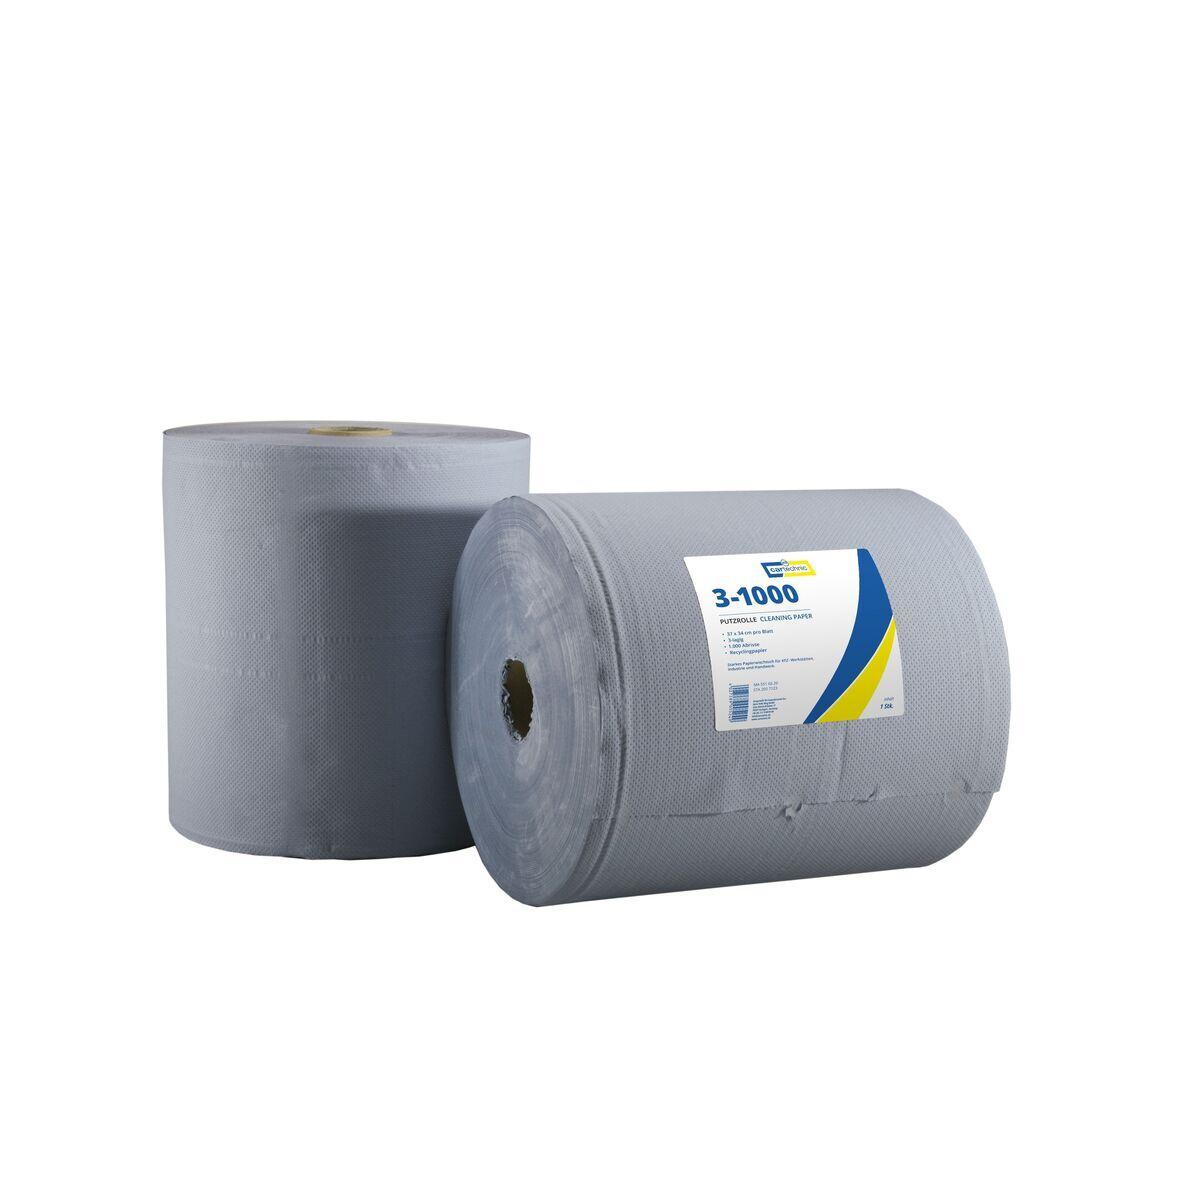 Papírové utěrky - ubrousky, role 1000 kusů, 3vrstvé - Cartechnic